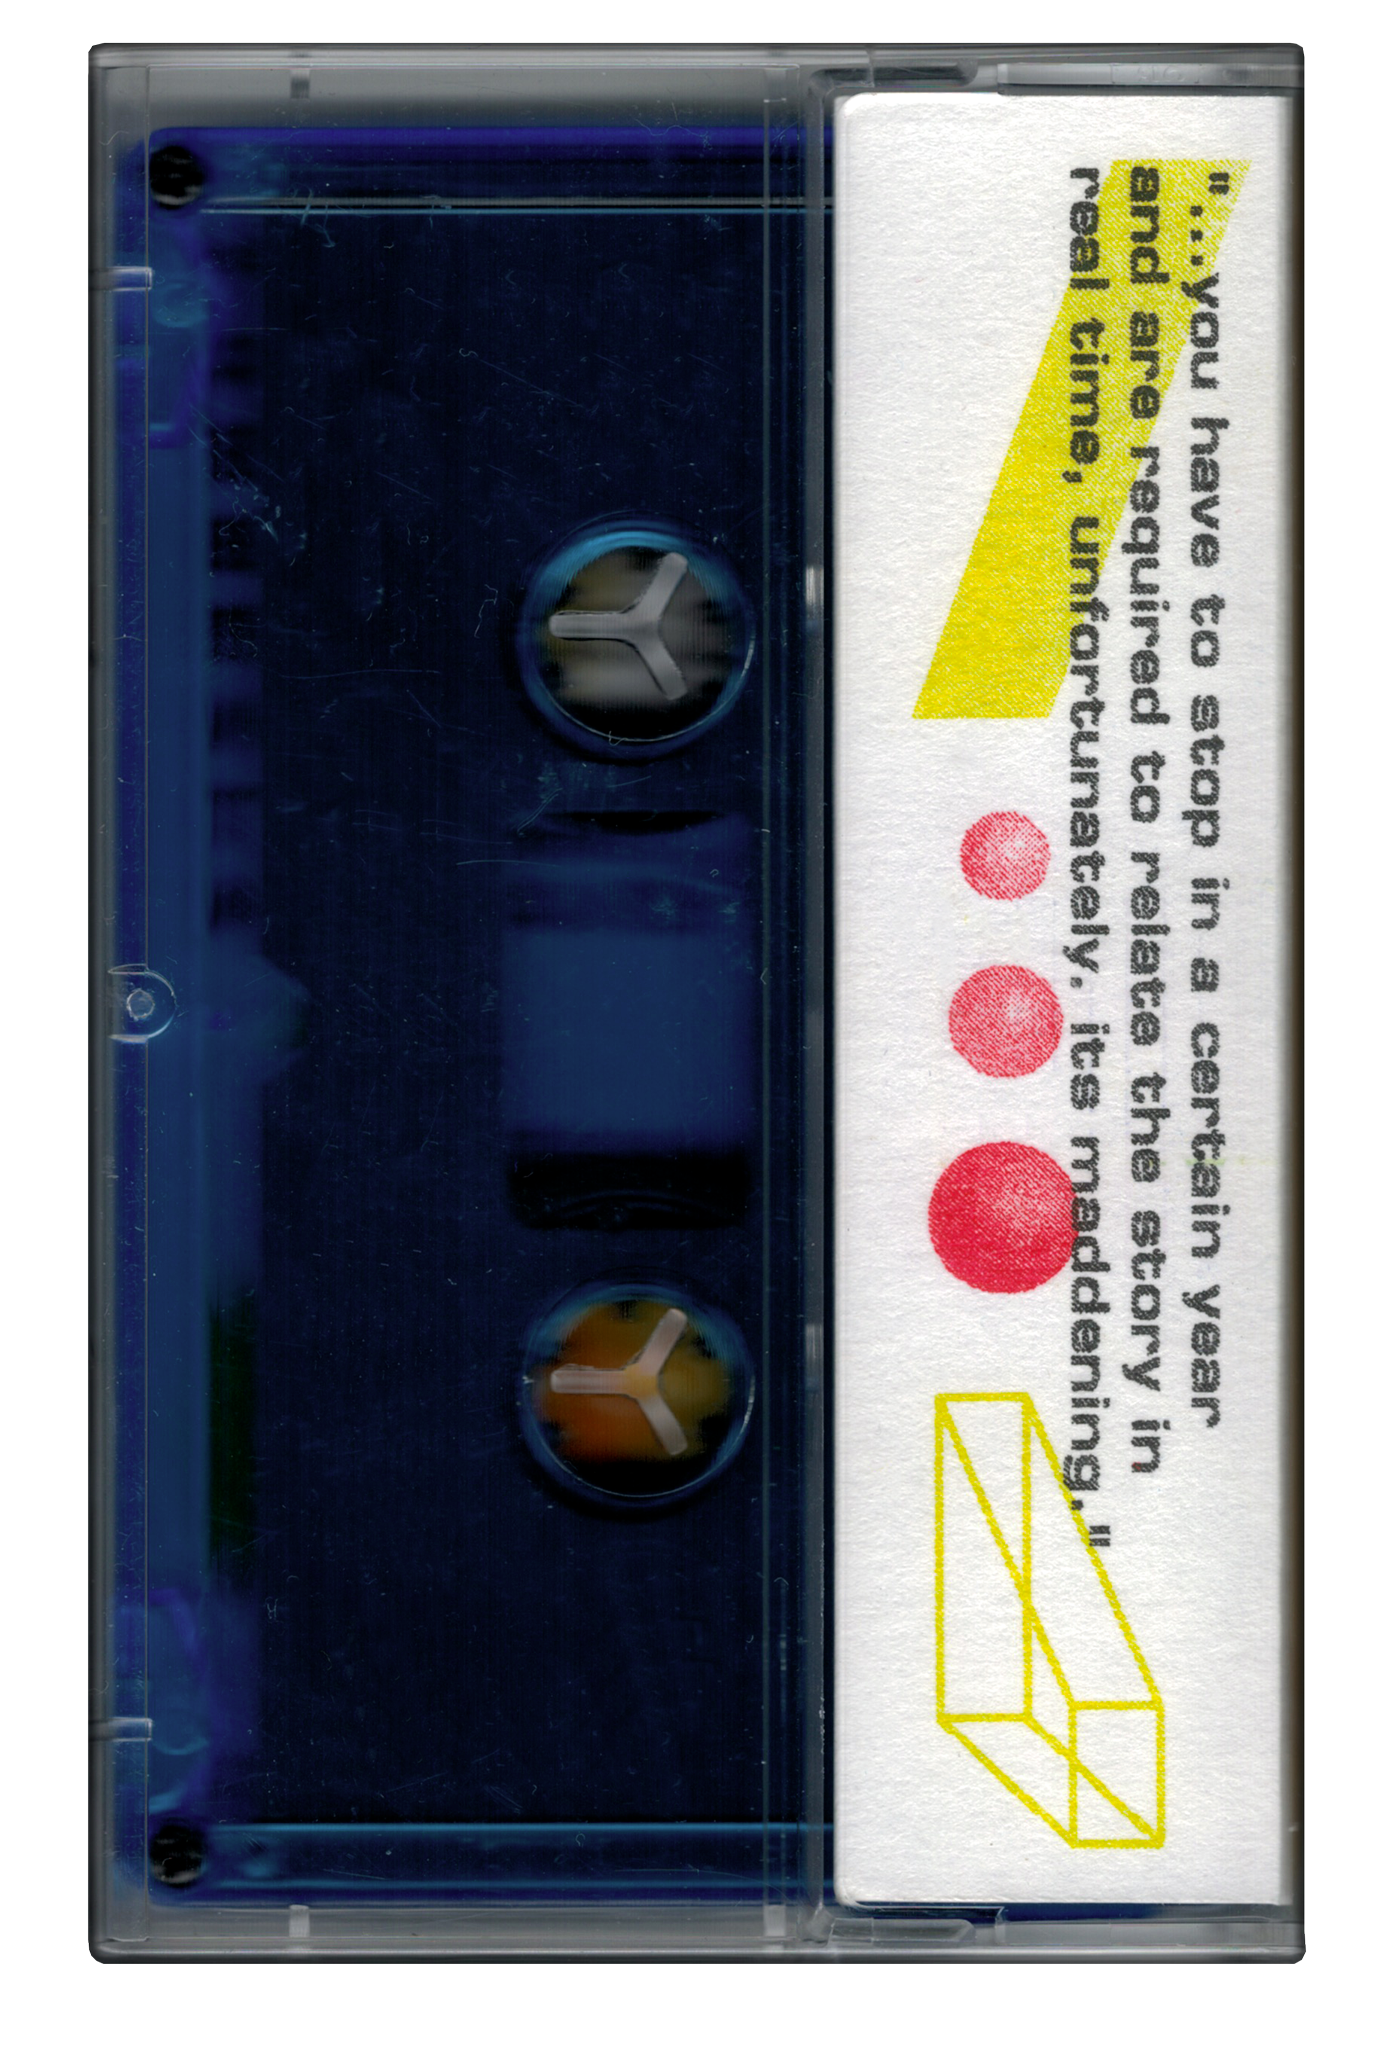 cassette-2.png